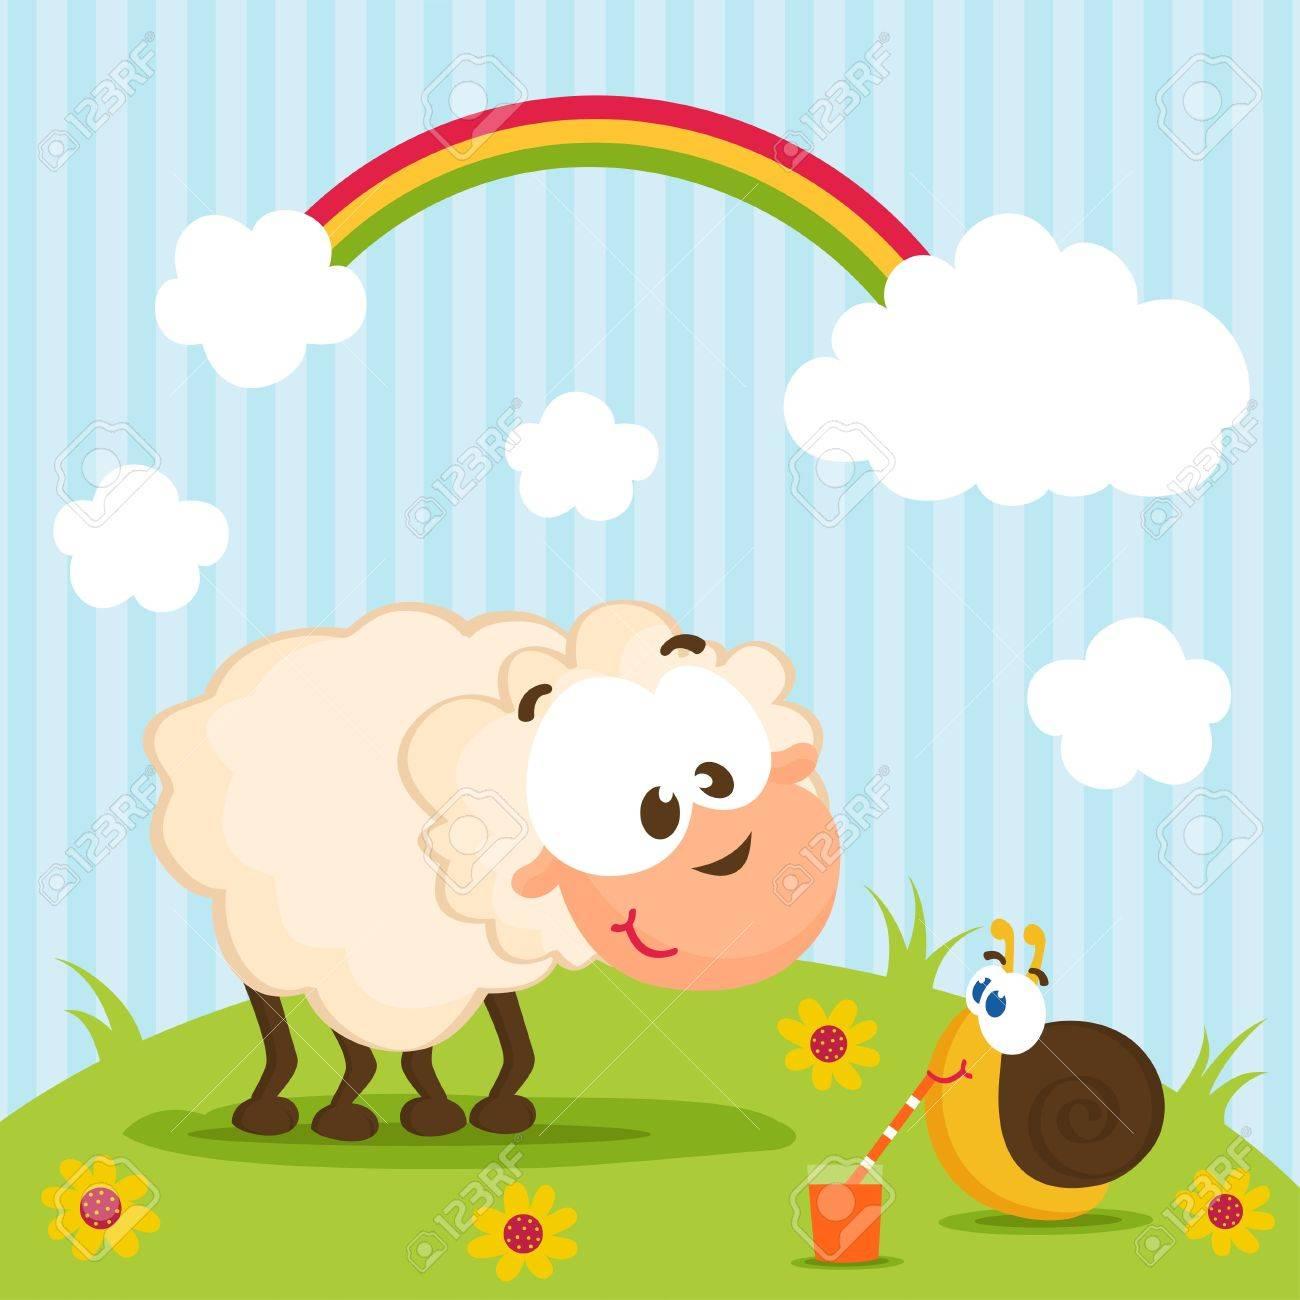 sheep and snail Standard-Bild - 17304352